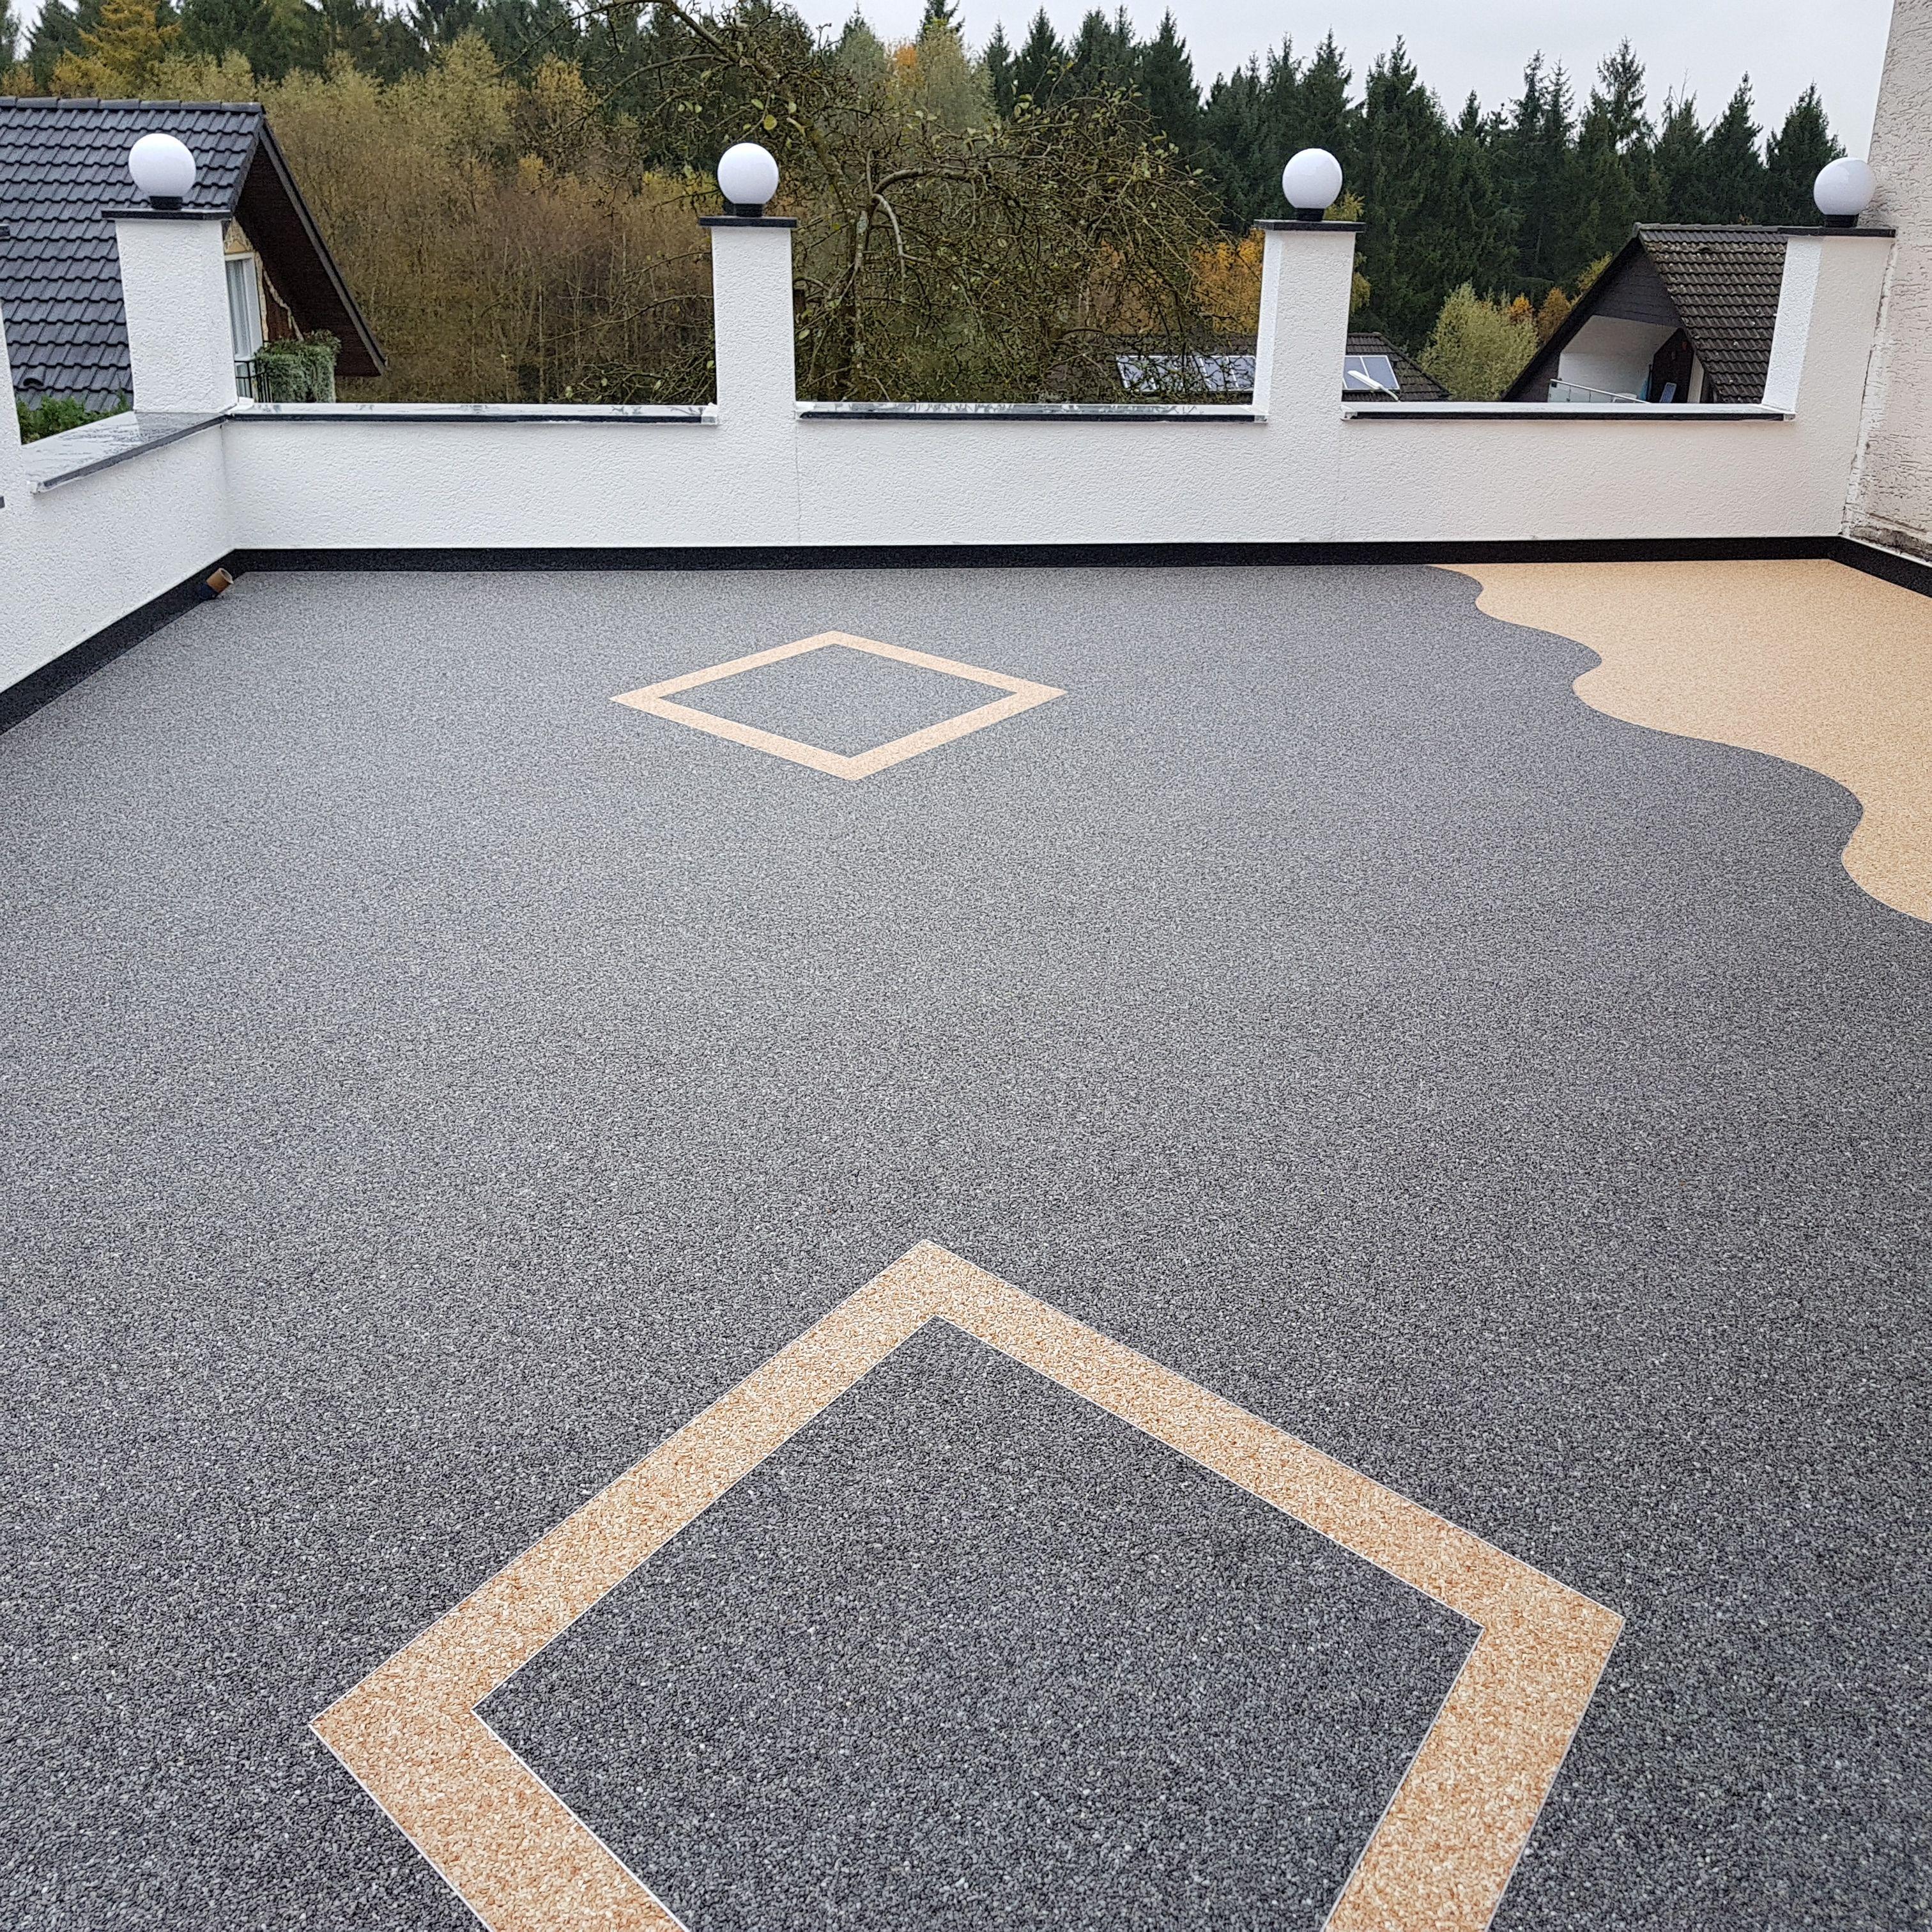 Terrasse Ideen   Terrassengestaltung mit Steinteppich   Auffahrt ...